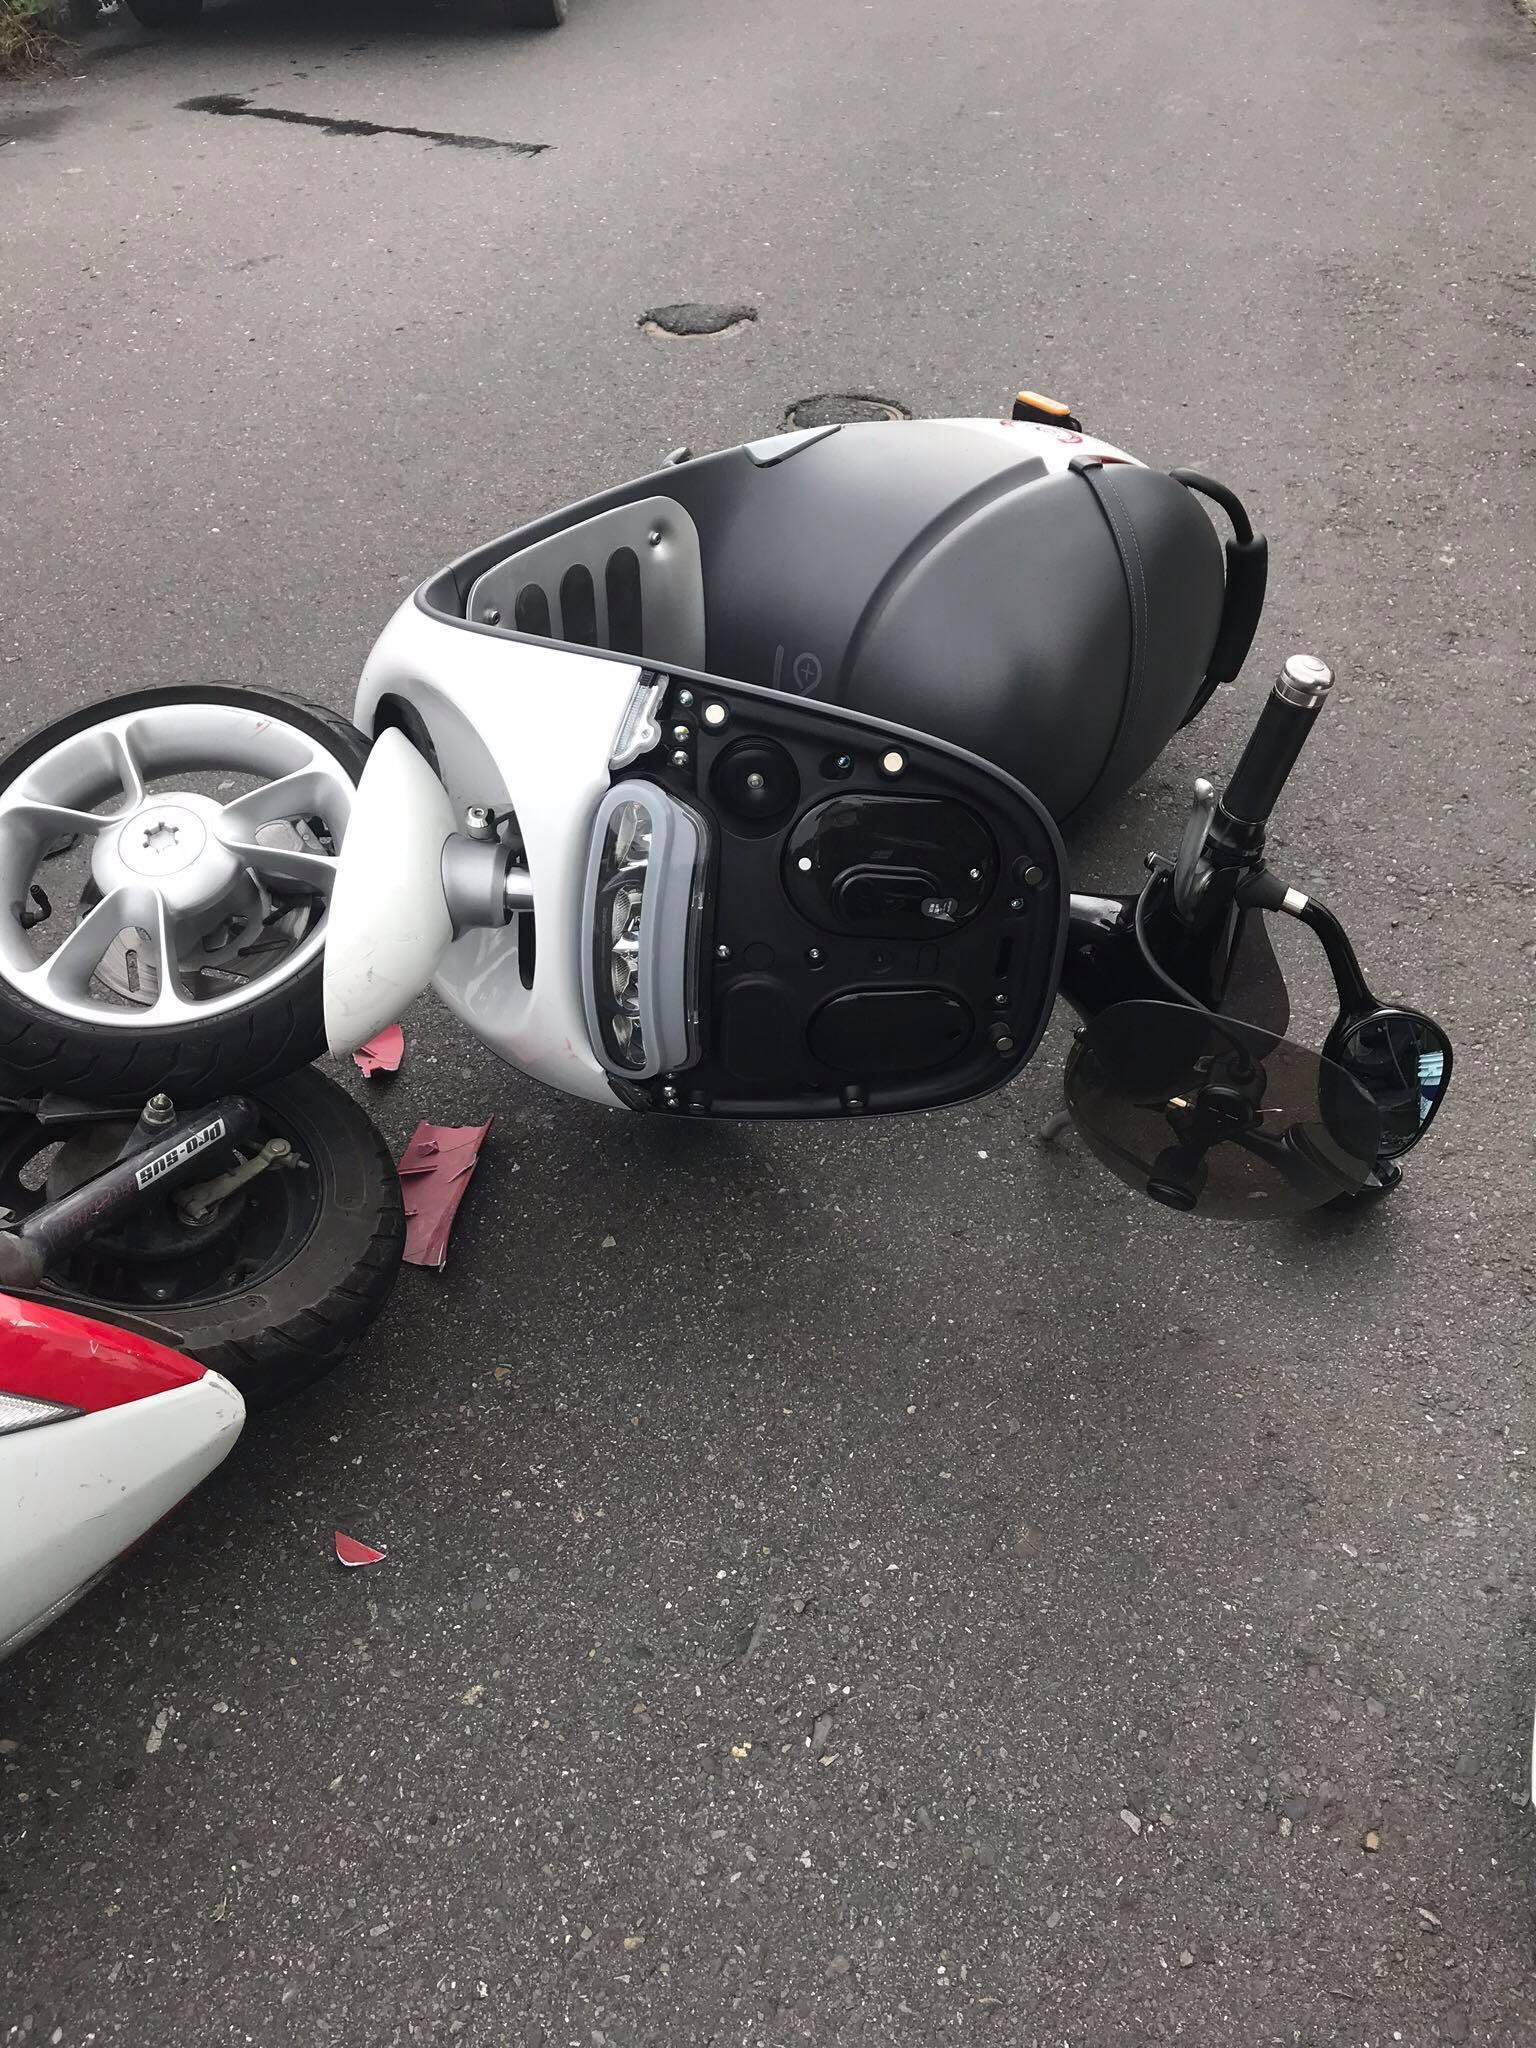 GOGORO 1 7月5日車禍至今 仍然維修中!!有點不可思議!! - Smartscooter® 智慧雙輪俱樂部 - GO 粉俱樂部